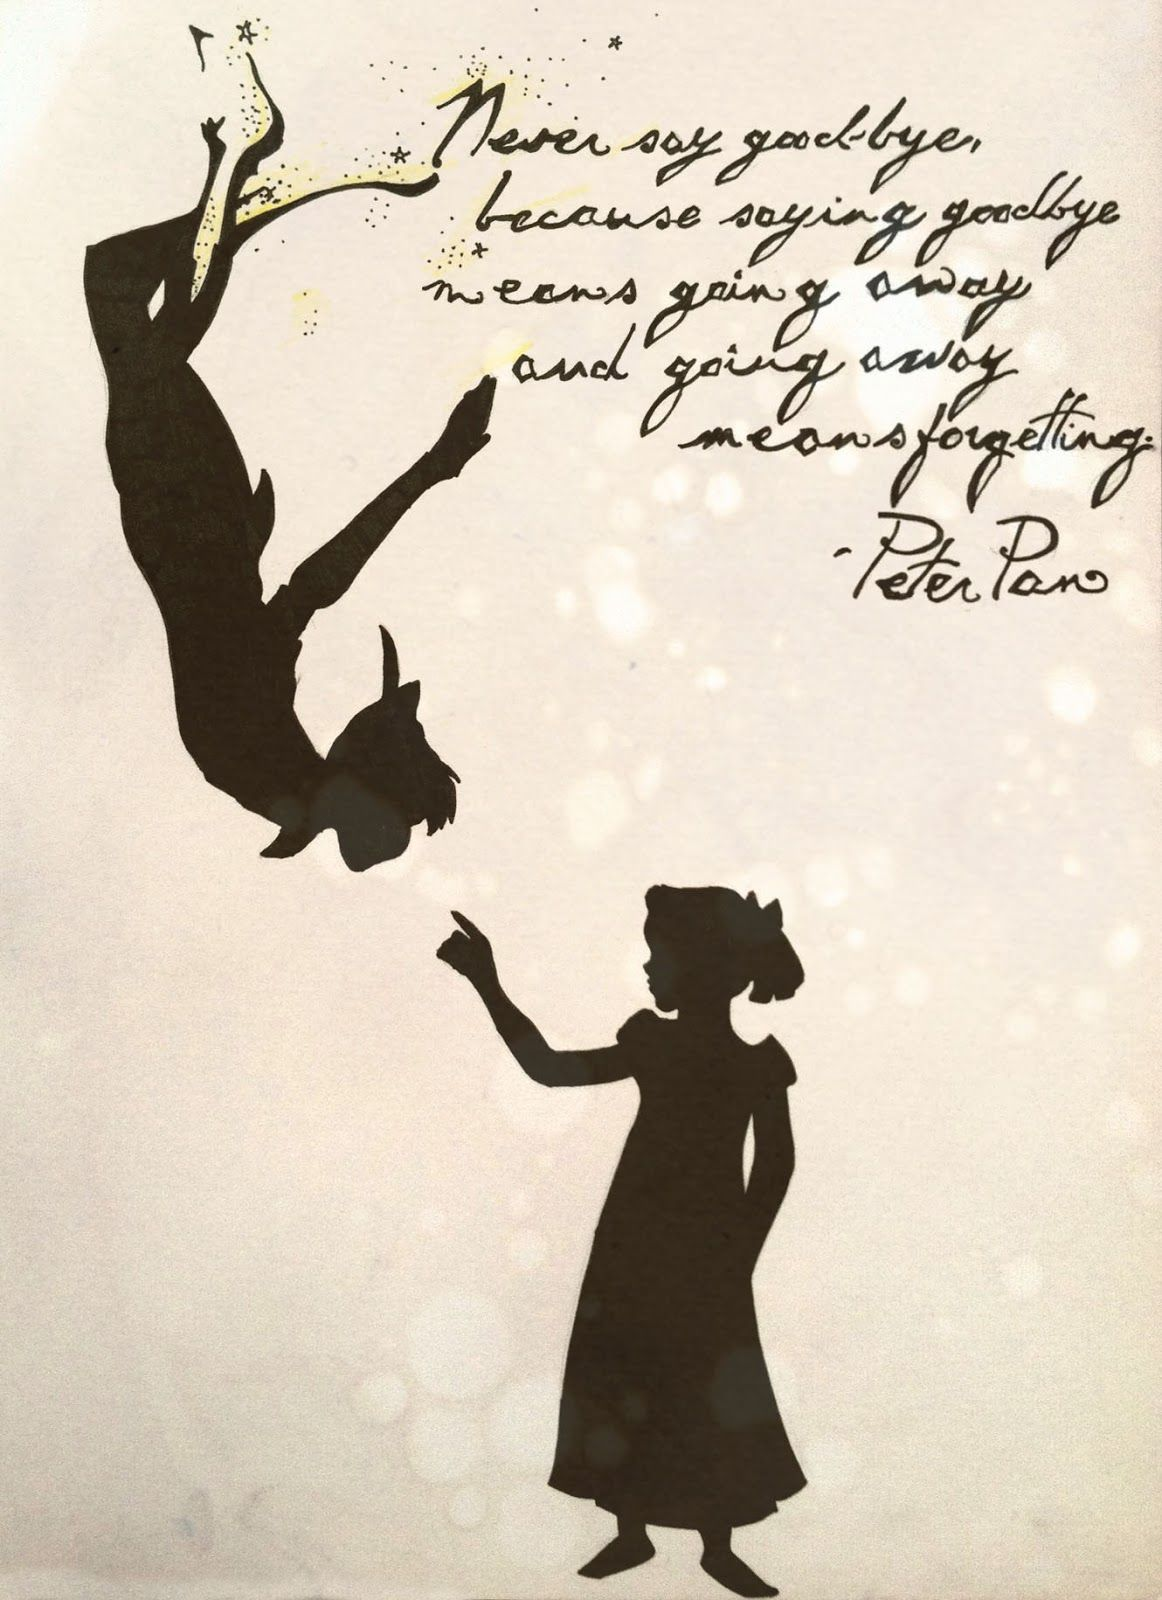 Risultati Immagini Per Peter Pan E Wendy Art Peter Pan Quotes